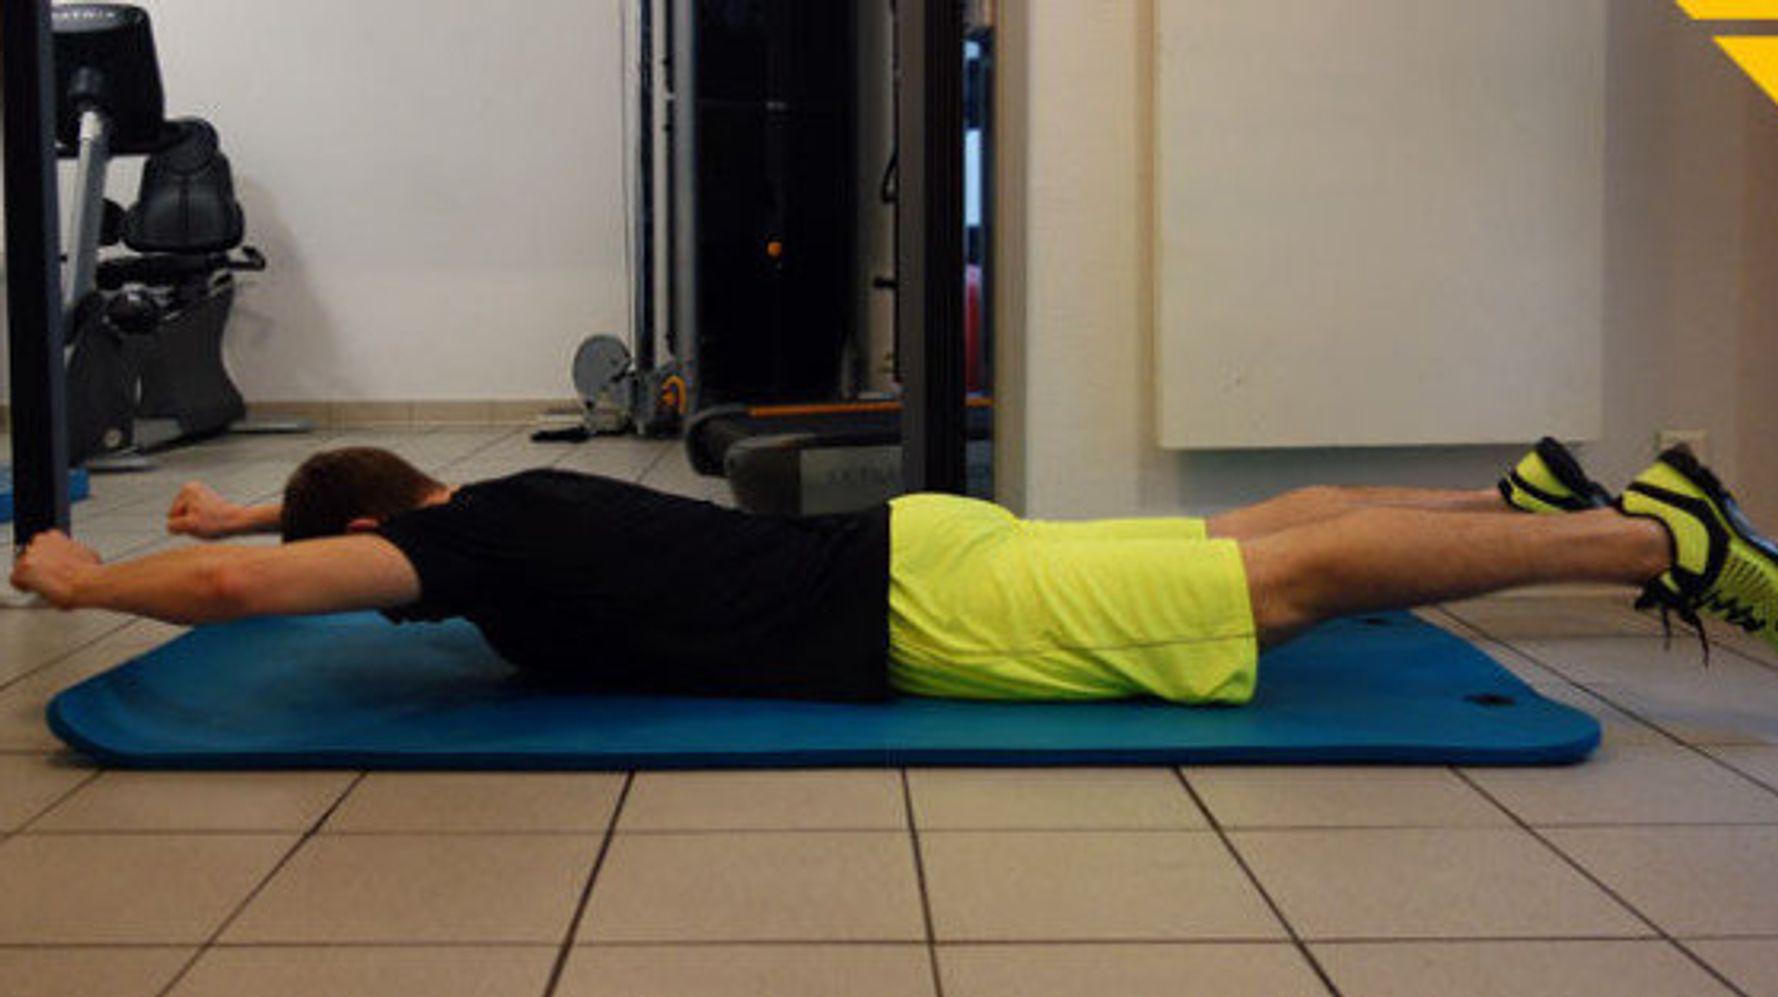 3 Exercices Pour Muscler Son Dos A La Maison Le Huffington Post Life